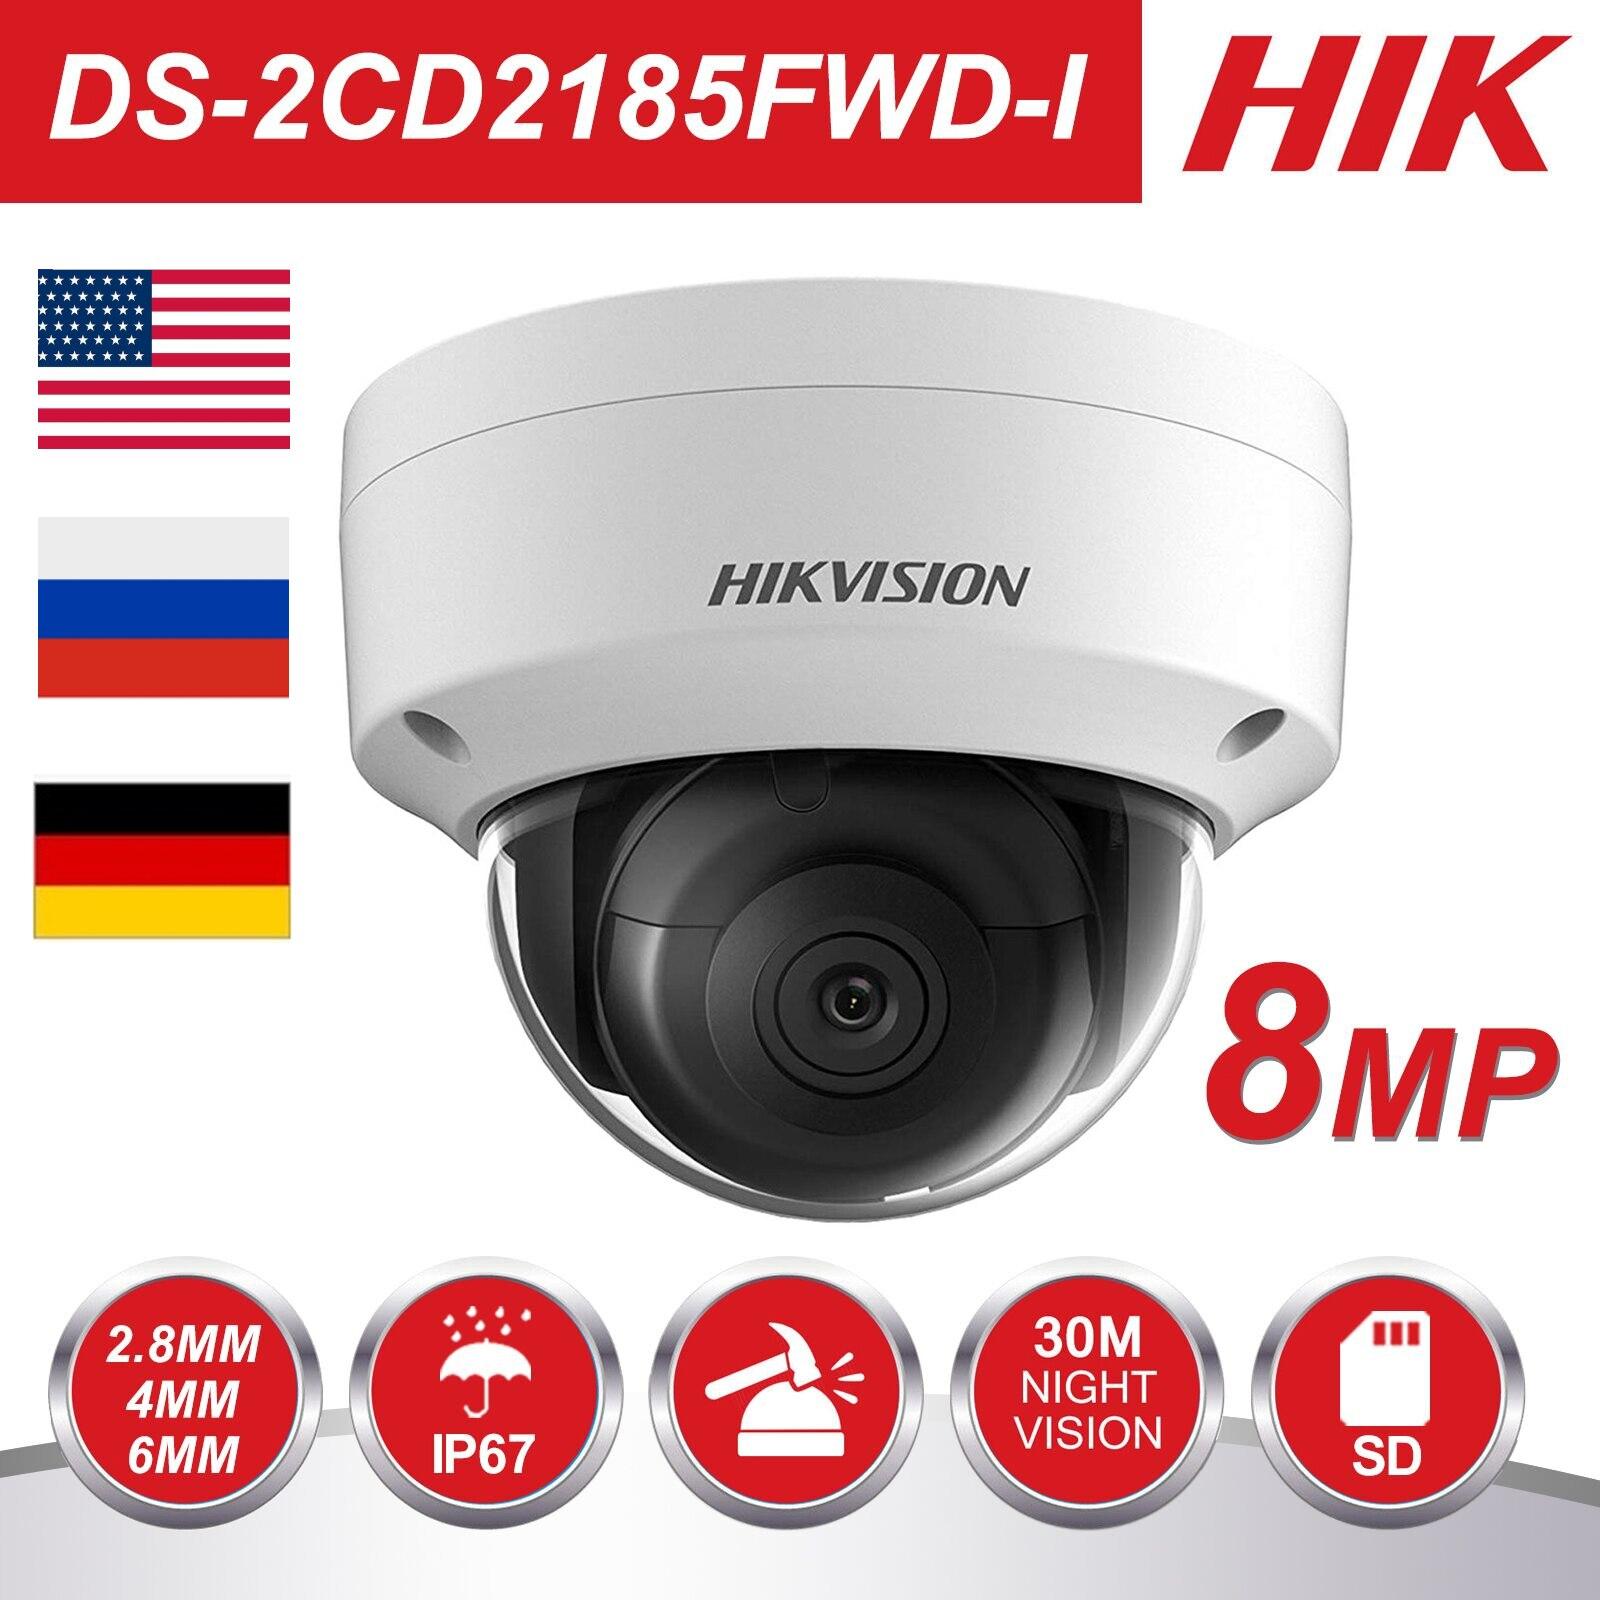 Câmera IP POE Hikvision 8MP DS-2CD2185FWD-I 4K Rede Dome Câmera de CCTV segurança Ao Ar Livre cartão SD 30m IR H.265 +